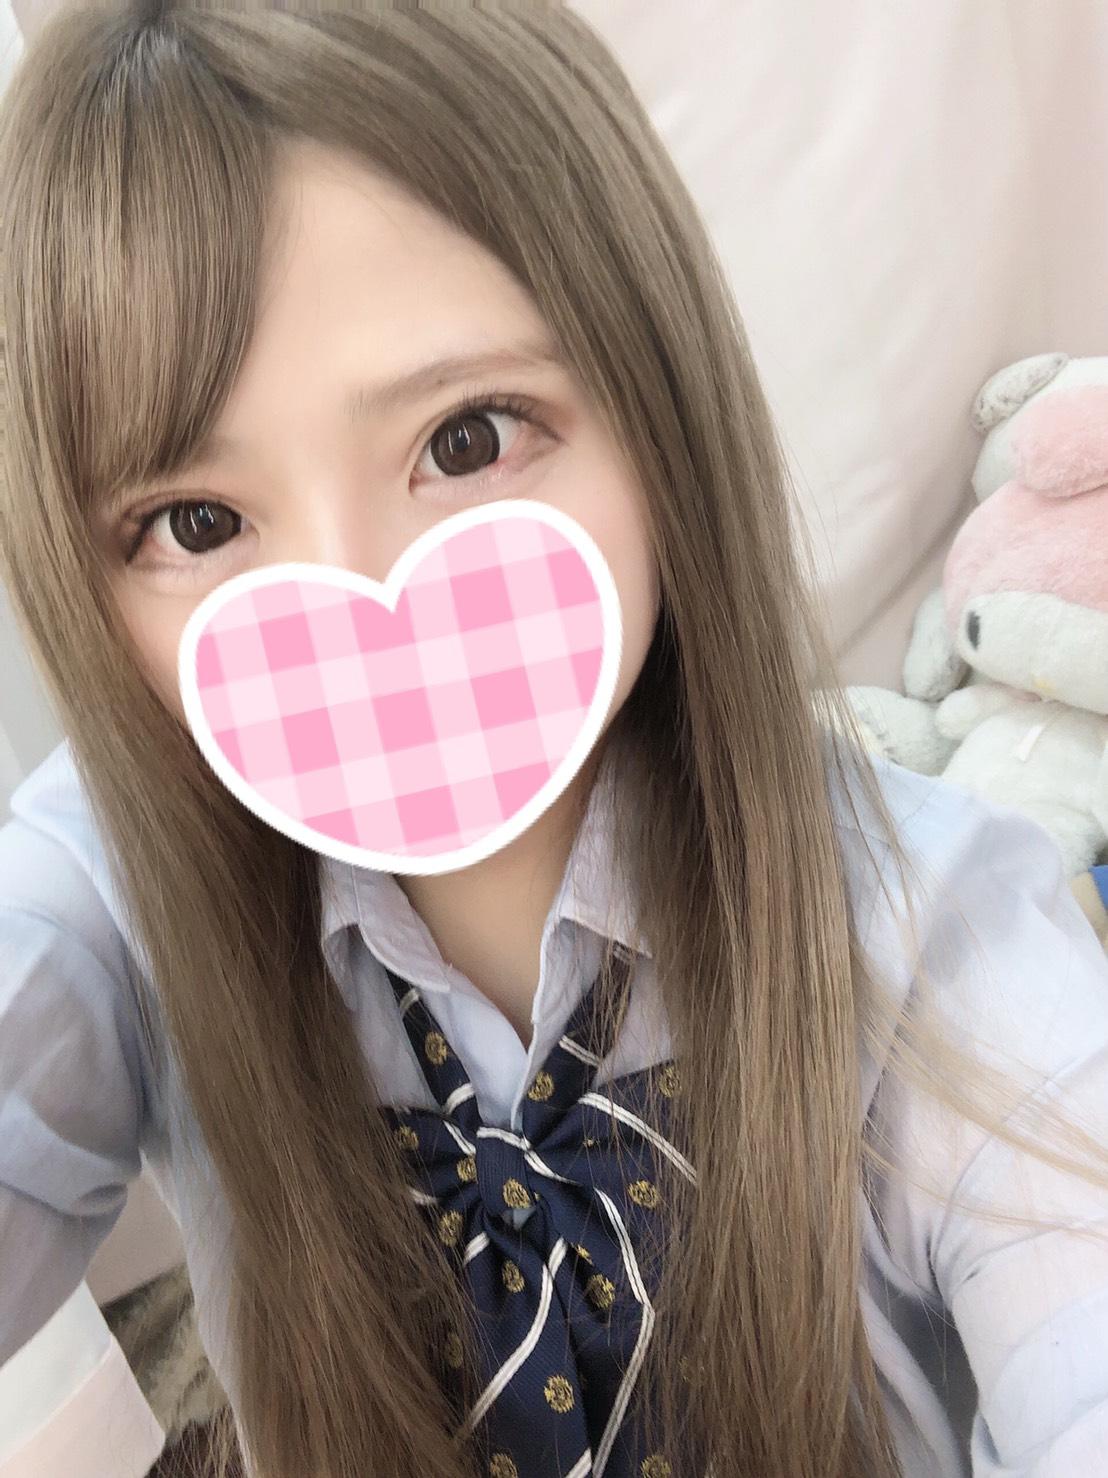 12/12本入店初日 はなね